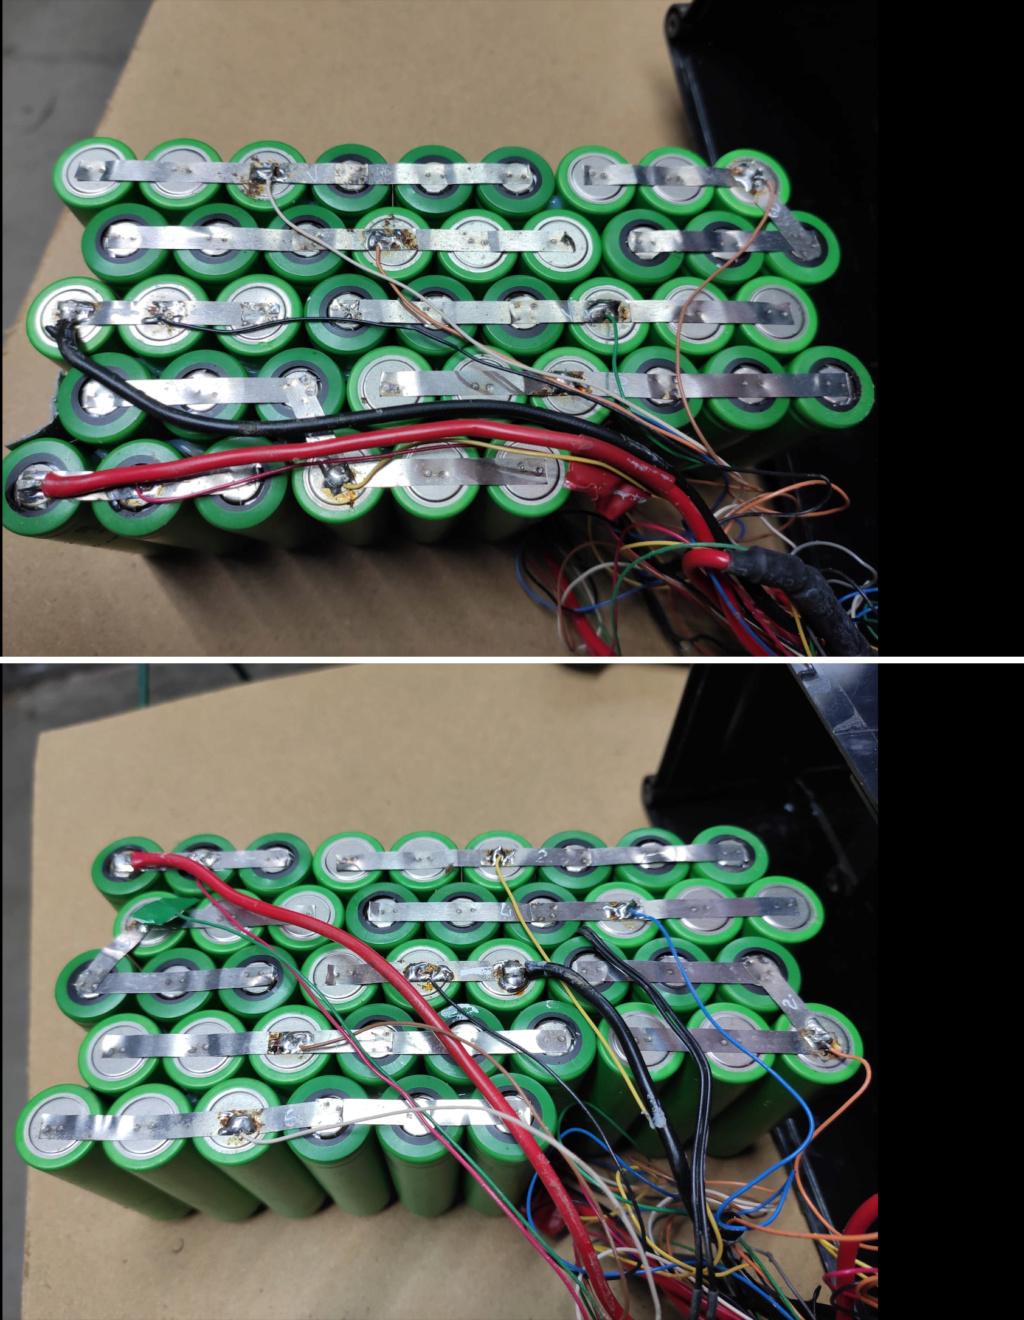 Cómo cuidar las baterias de litio? - Página 2 Piles_10